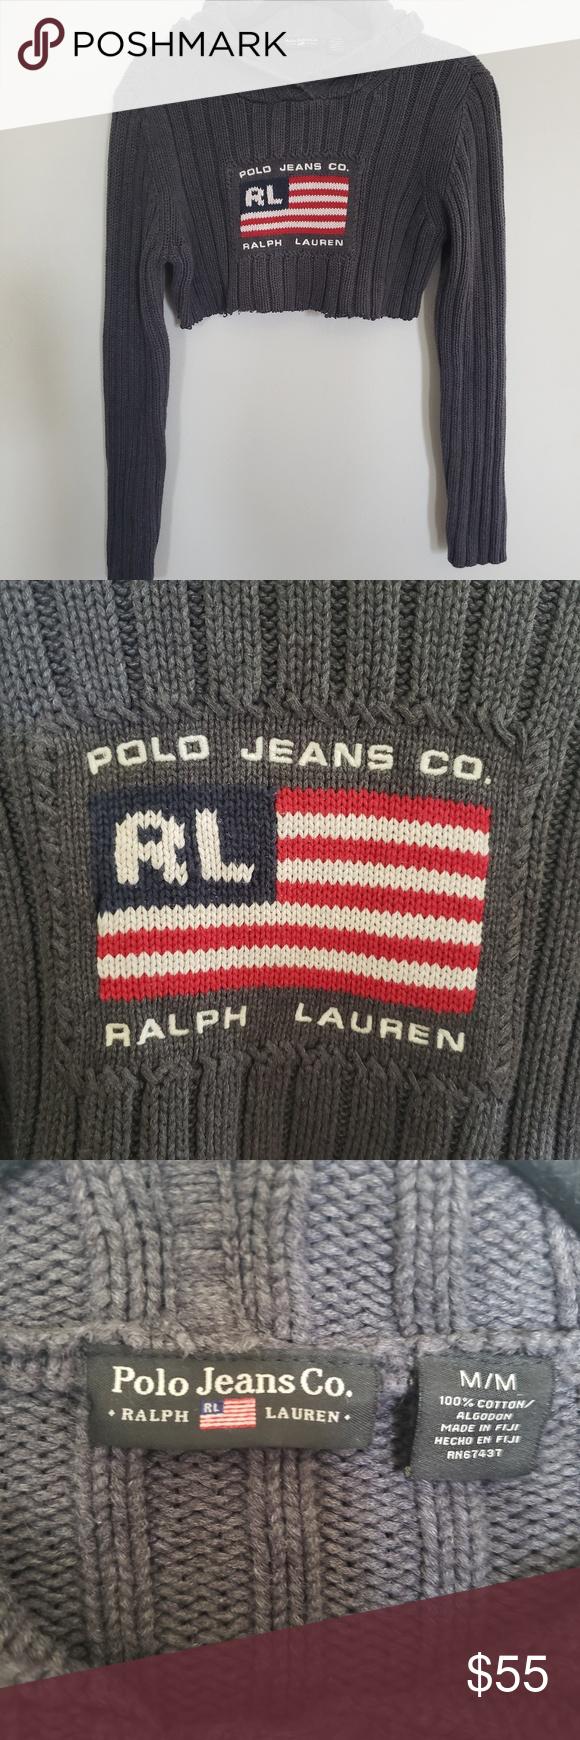 """Vintage // Ralph Lauren flag hoodie crop top • S i z e  R e f e r e n c e  • -Model: 5""""2 • D e t a i  l s •  -Self cropped (raw hem) -Conditio..."""